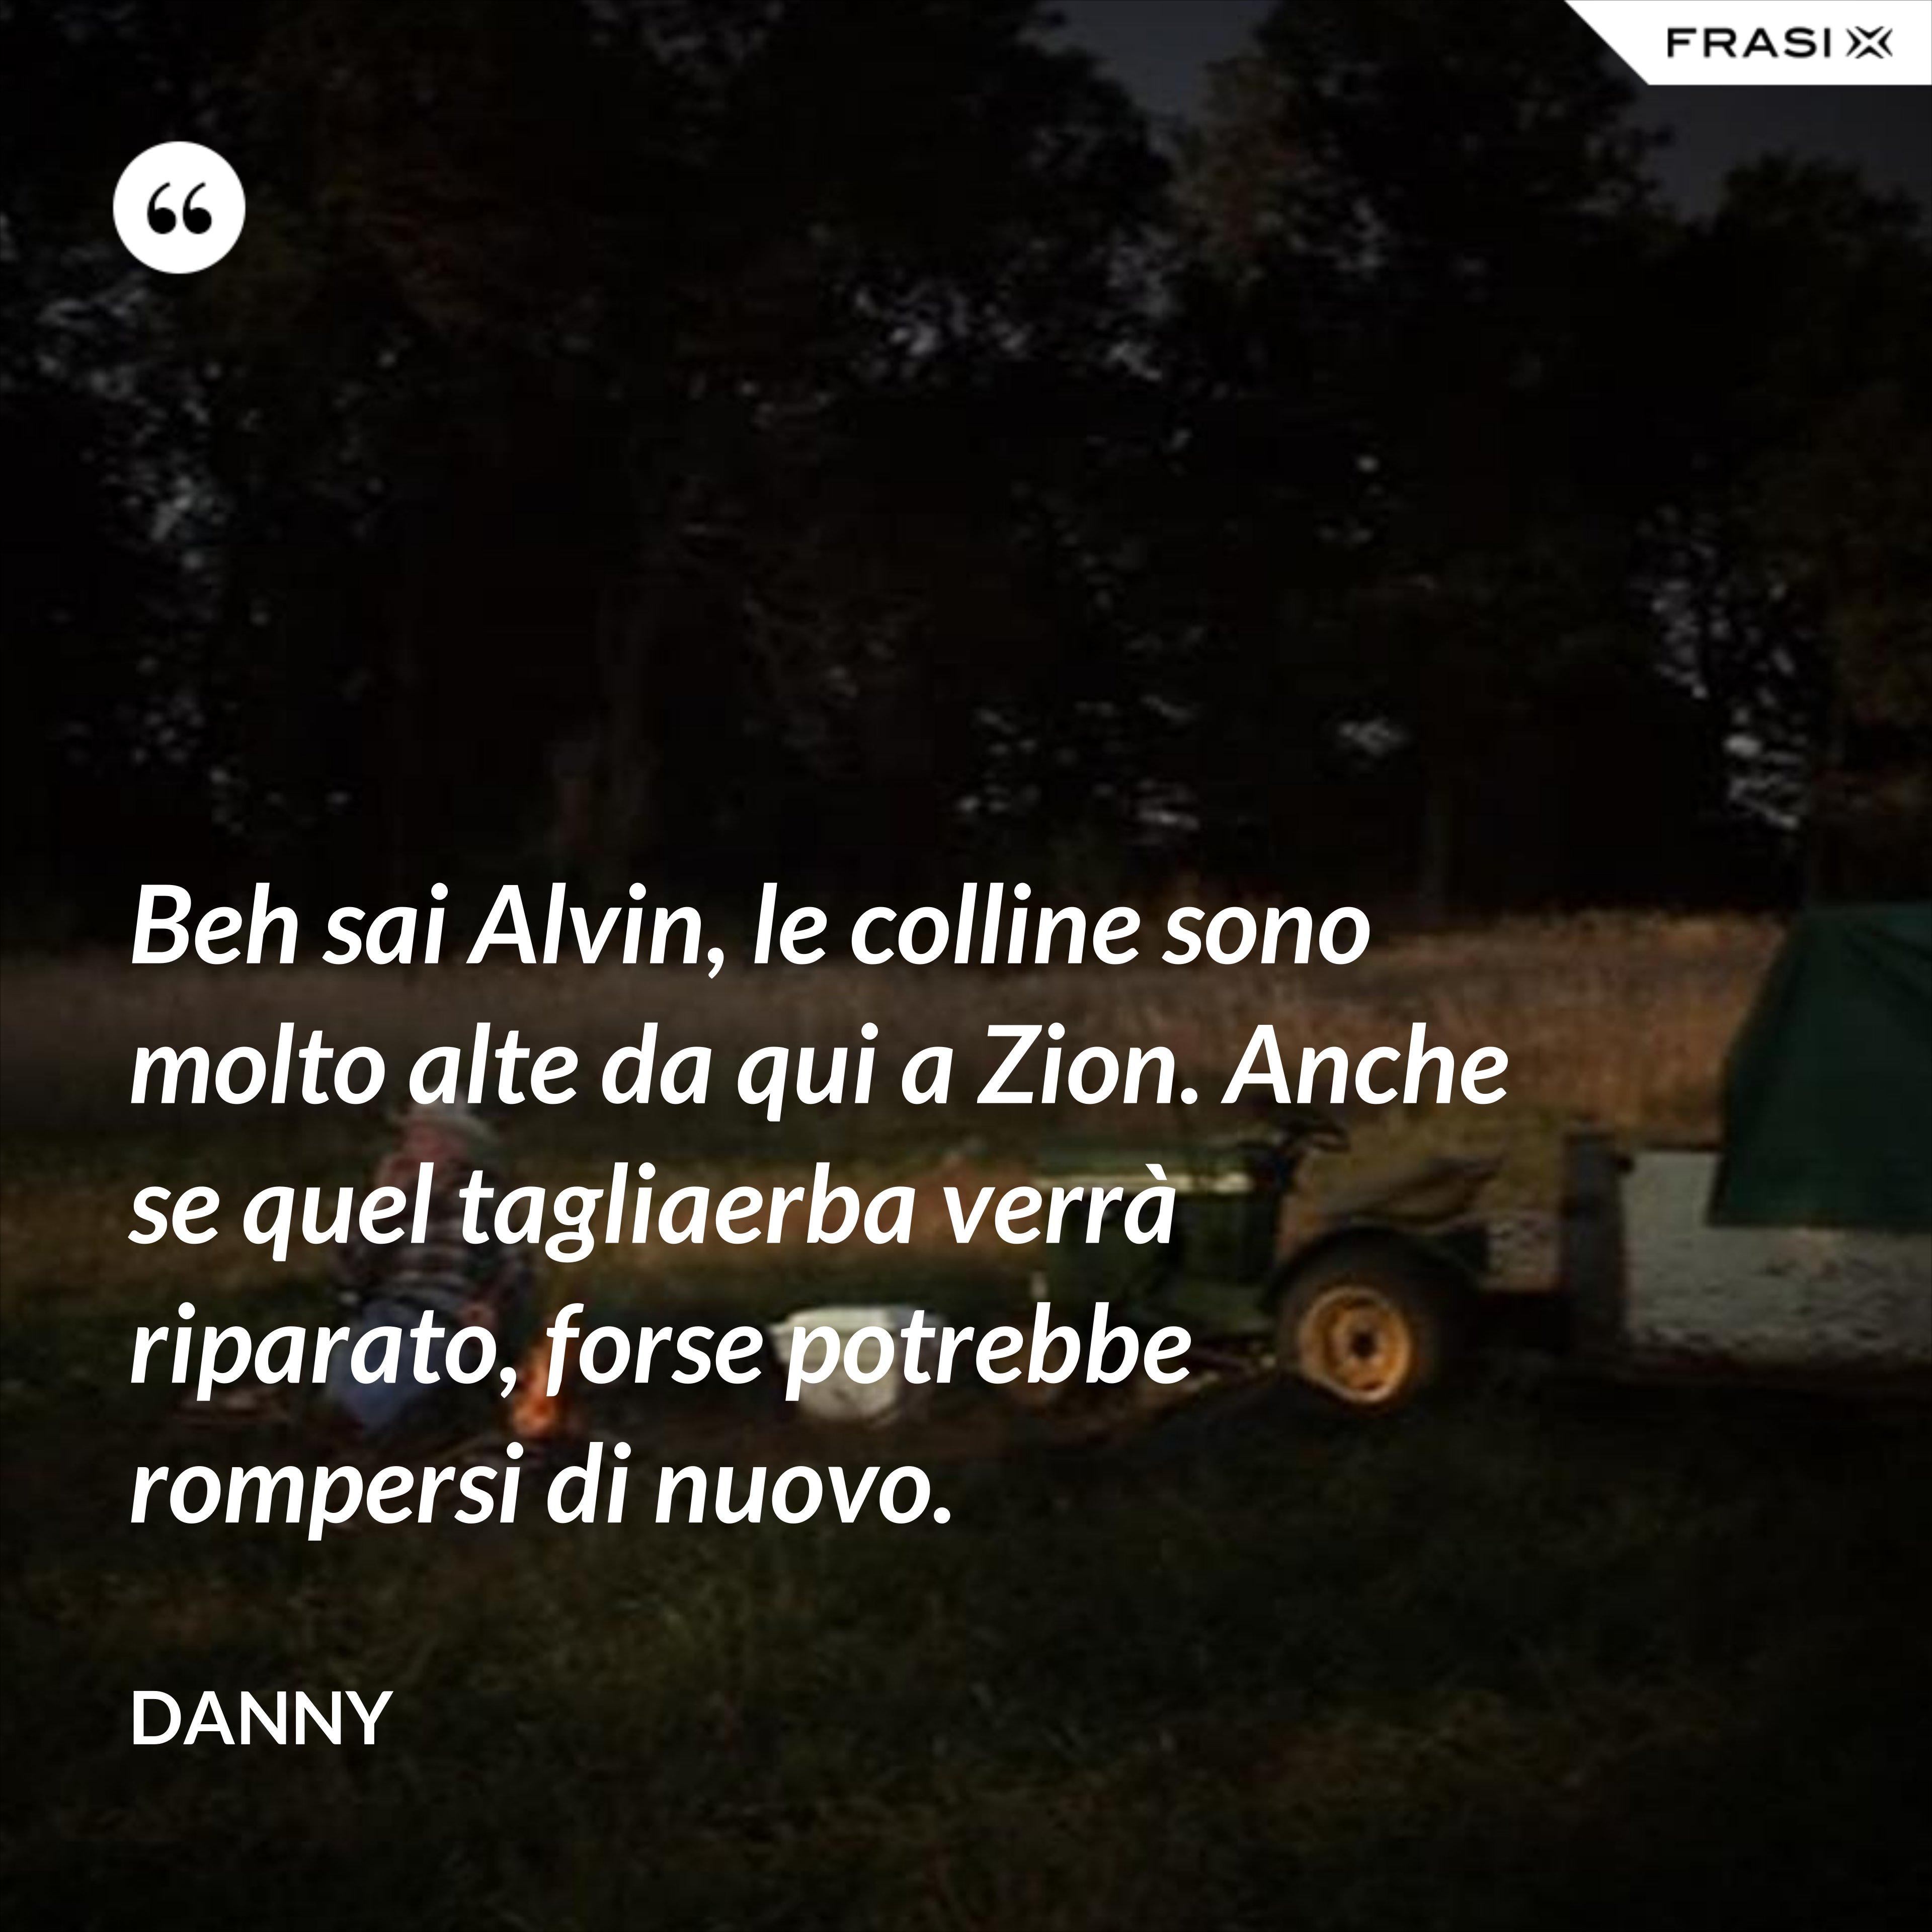 Beh sai Alvin, le colline sono molto alte da qui a Zion. Anche se quel tagliaerba verrà riparato, forse potrebbe rompersi di nuovo. - Danny